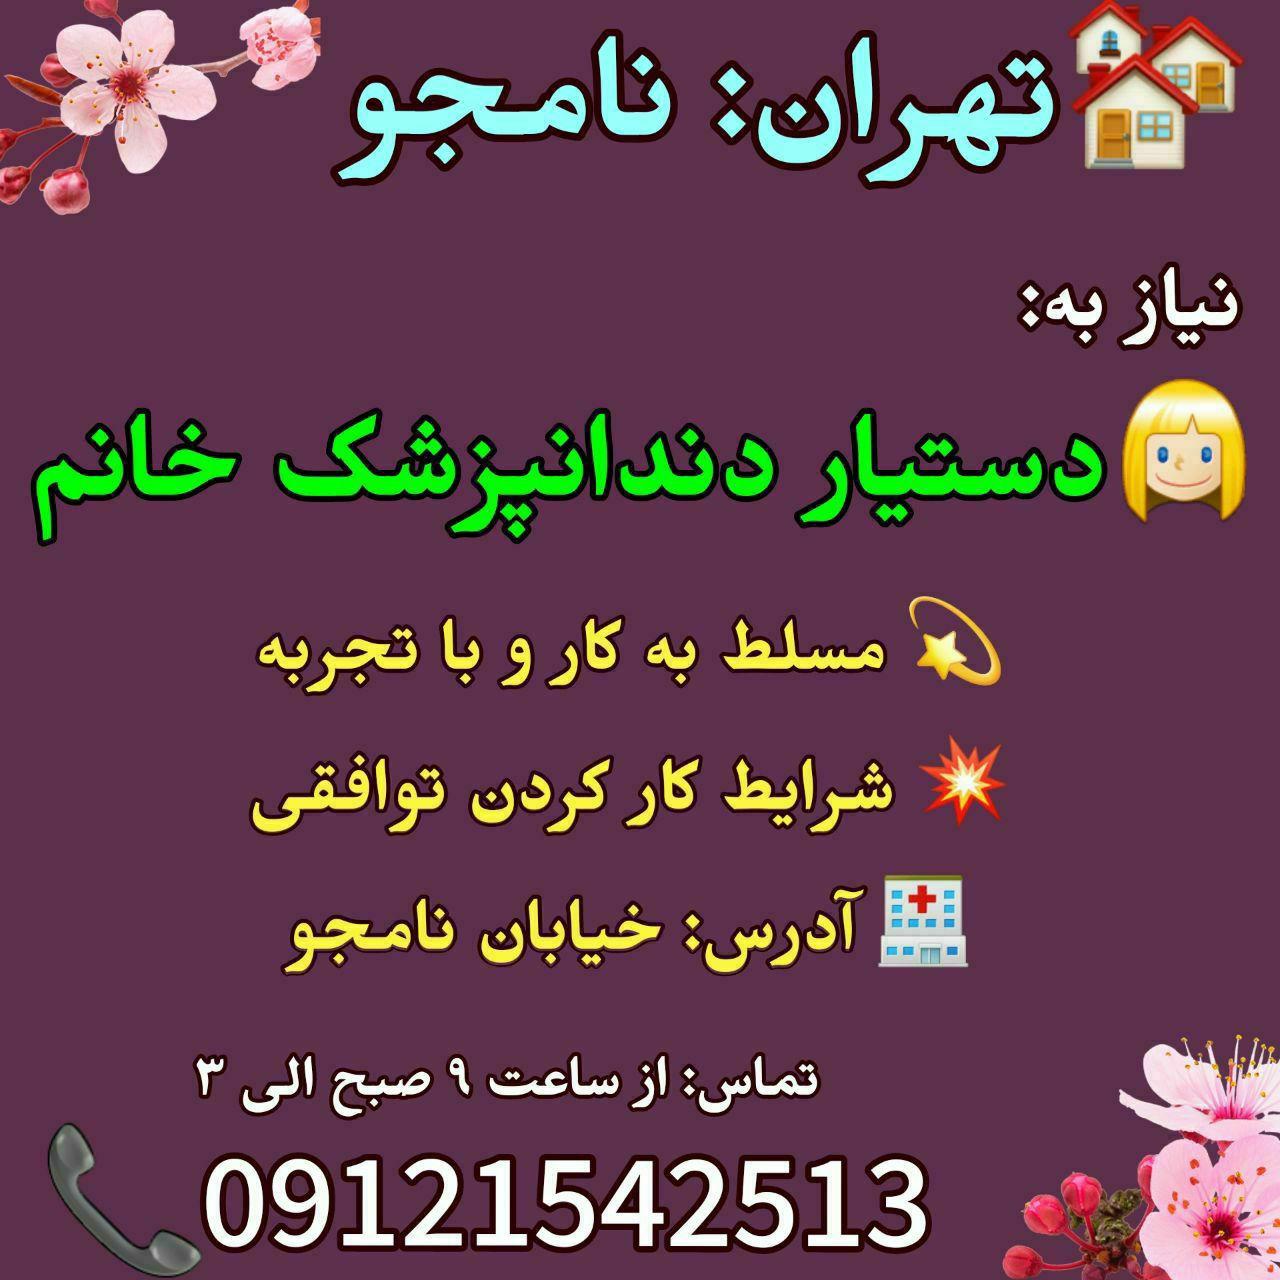 تهران: نامجو، نیاز به دستیار دندانپزشک خانم